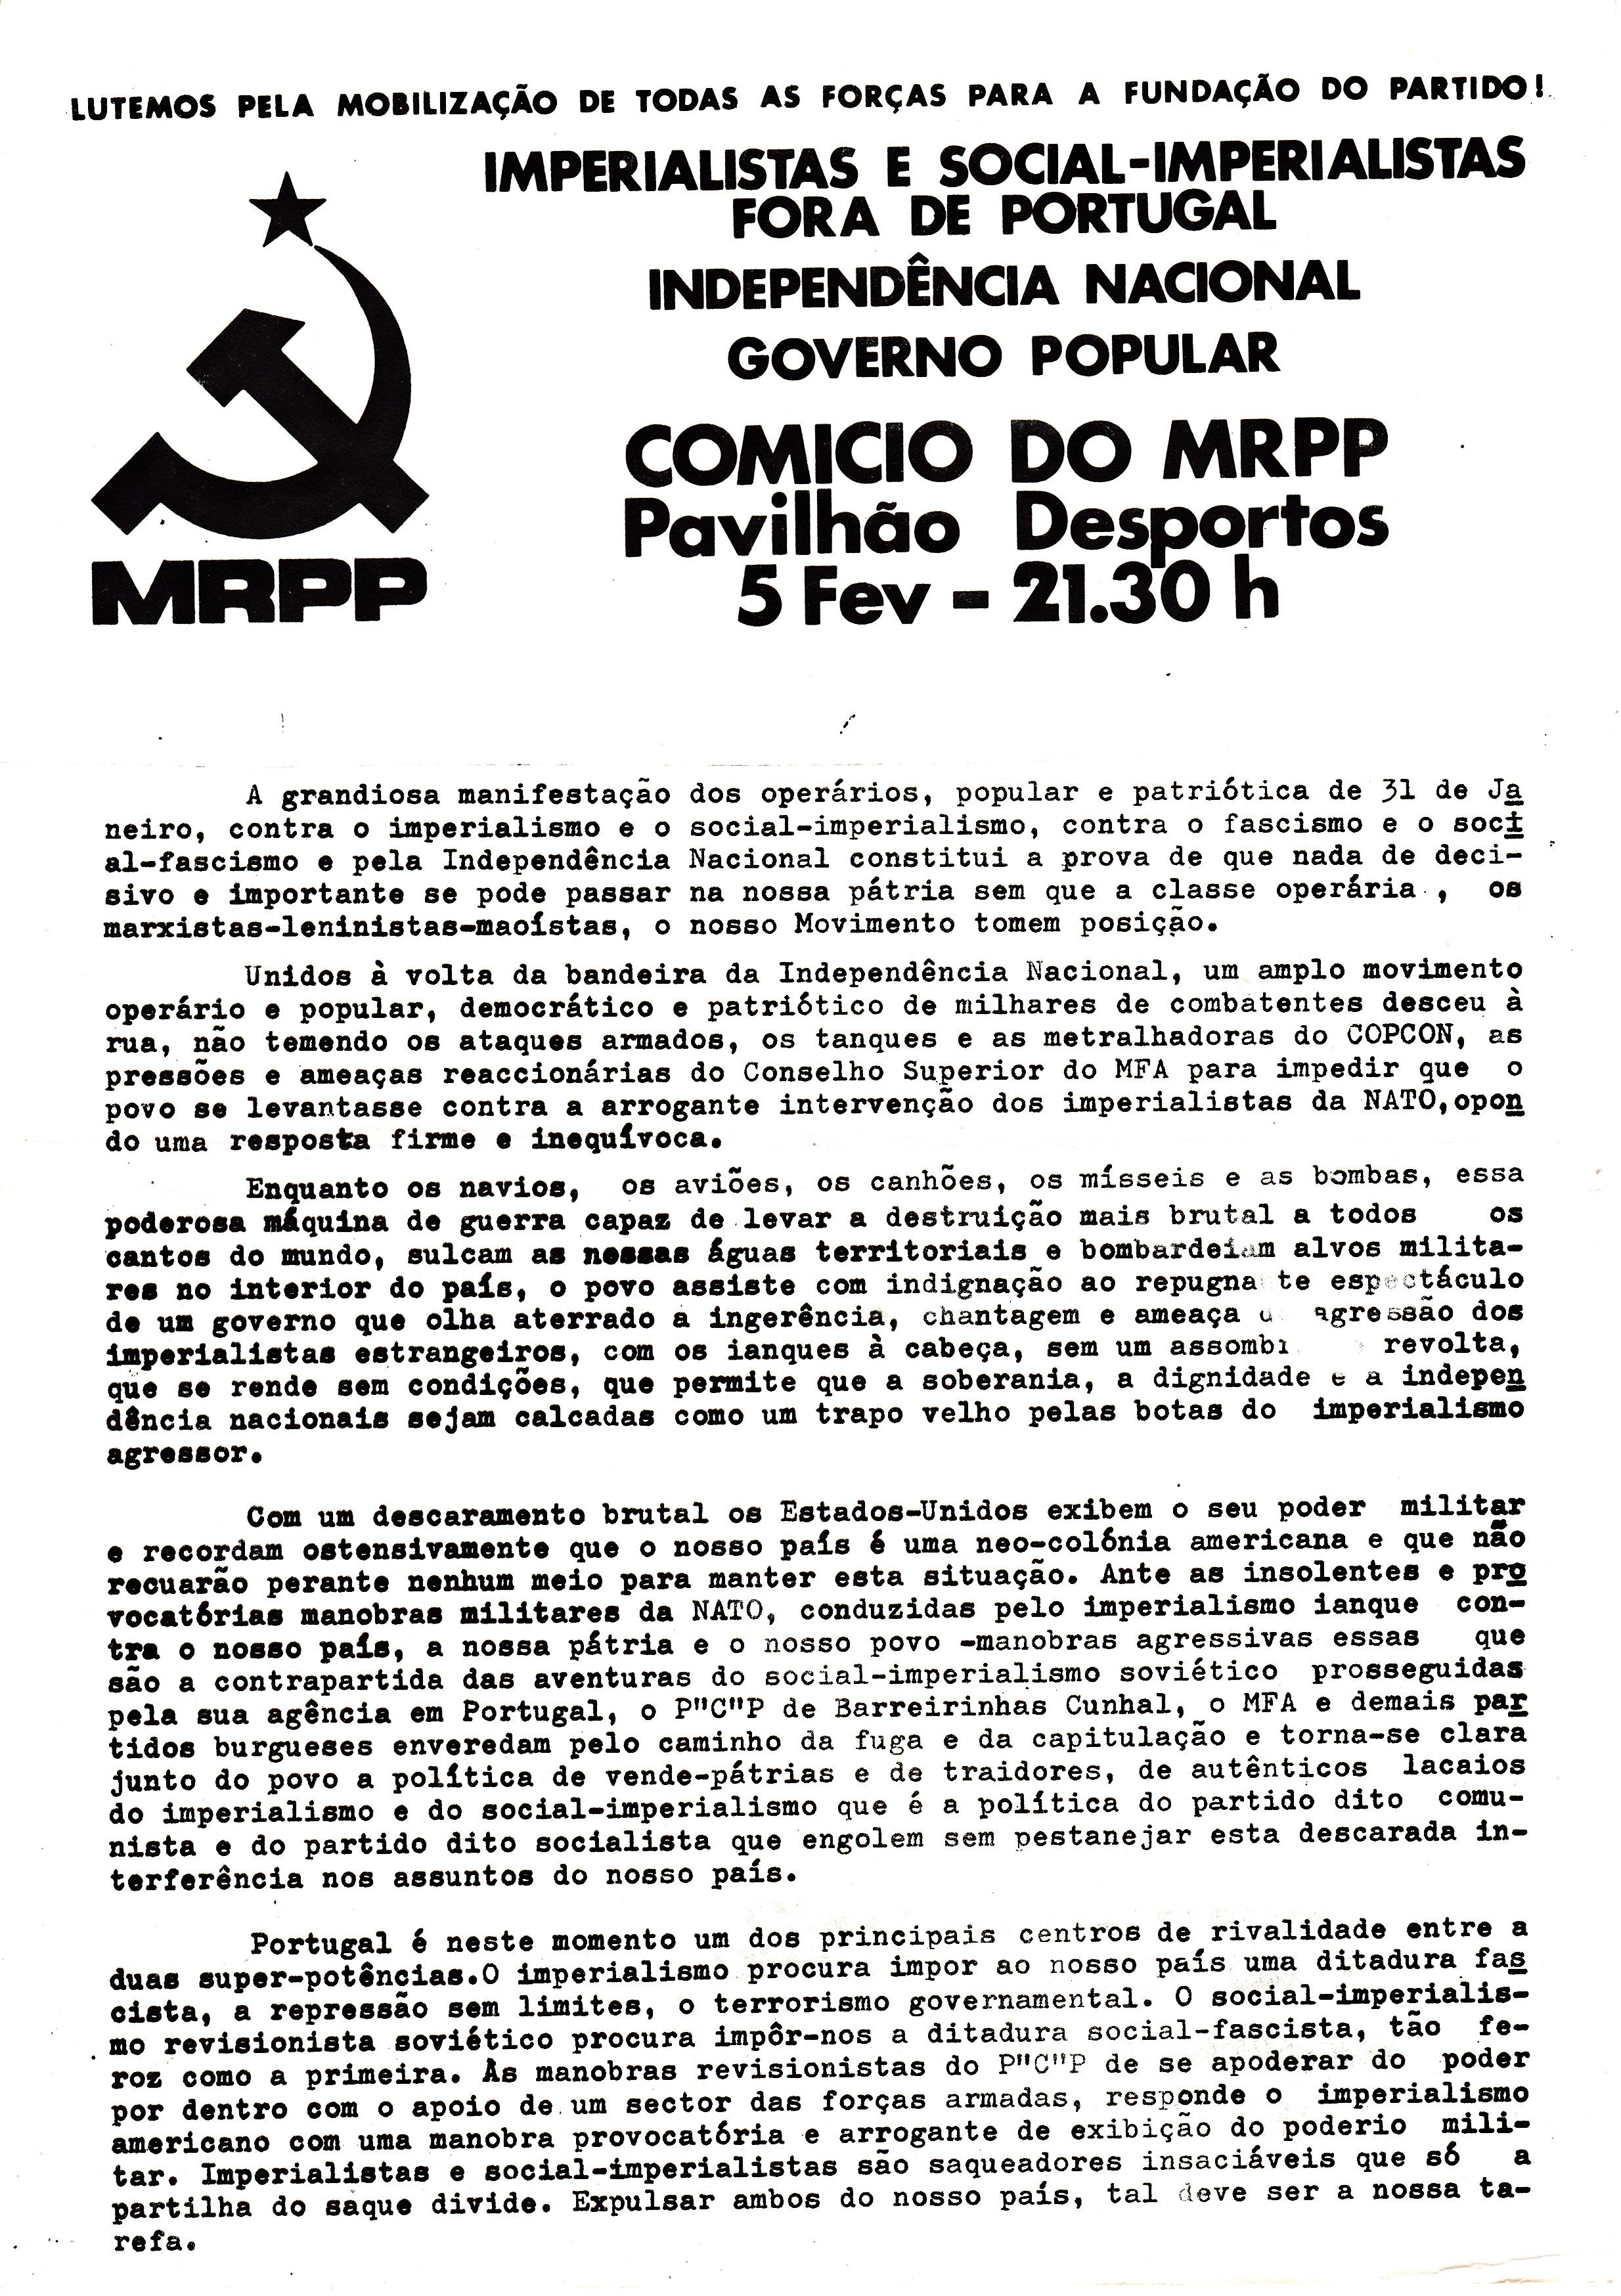 MRPP_1975_02_05_0001